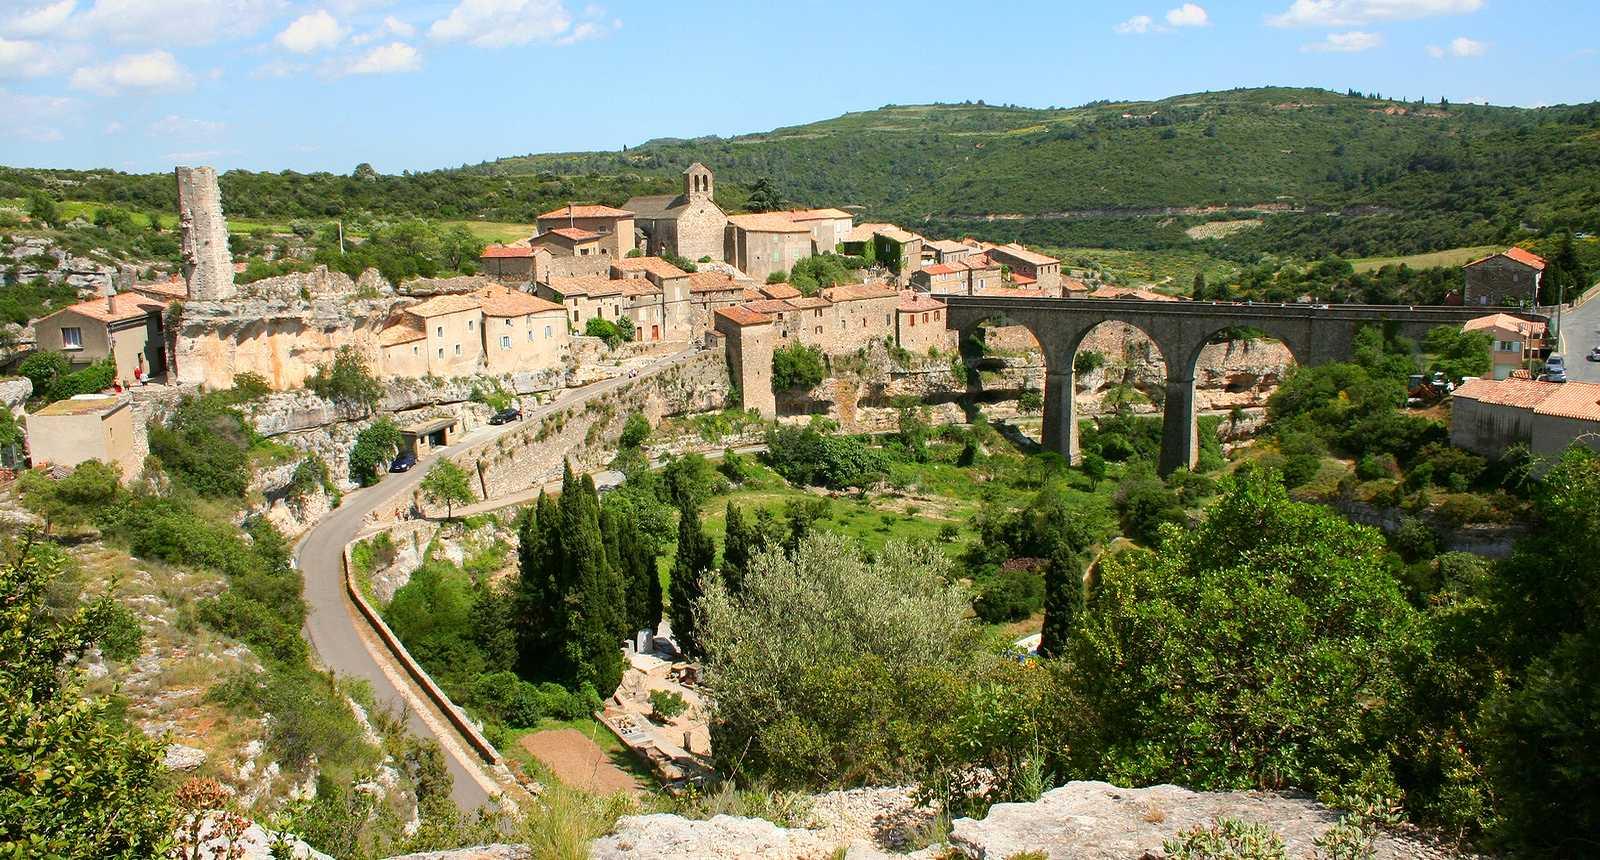 La ville médiévale de Minerve